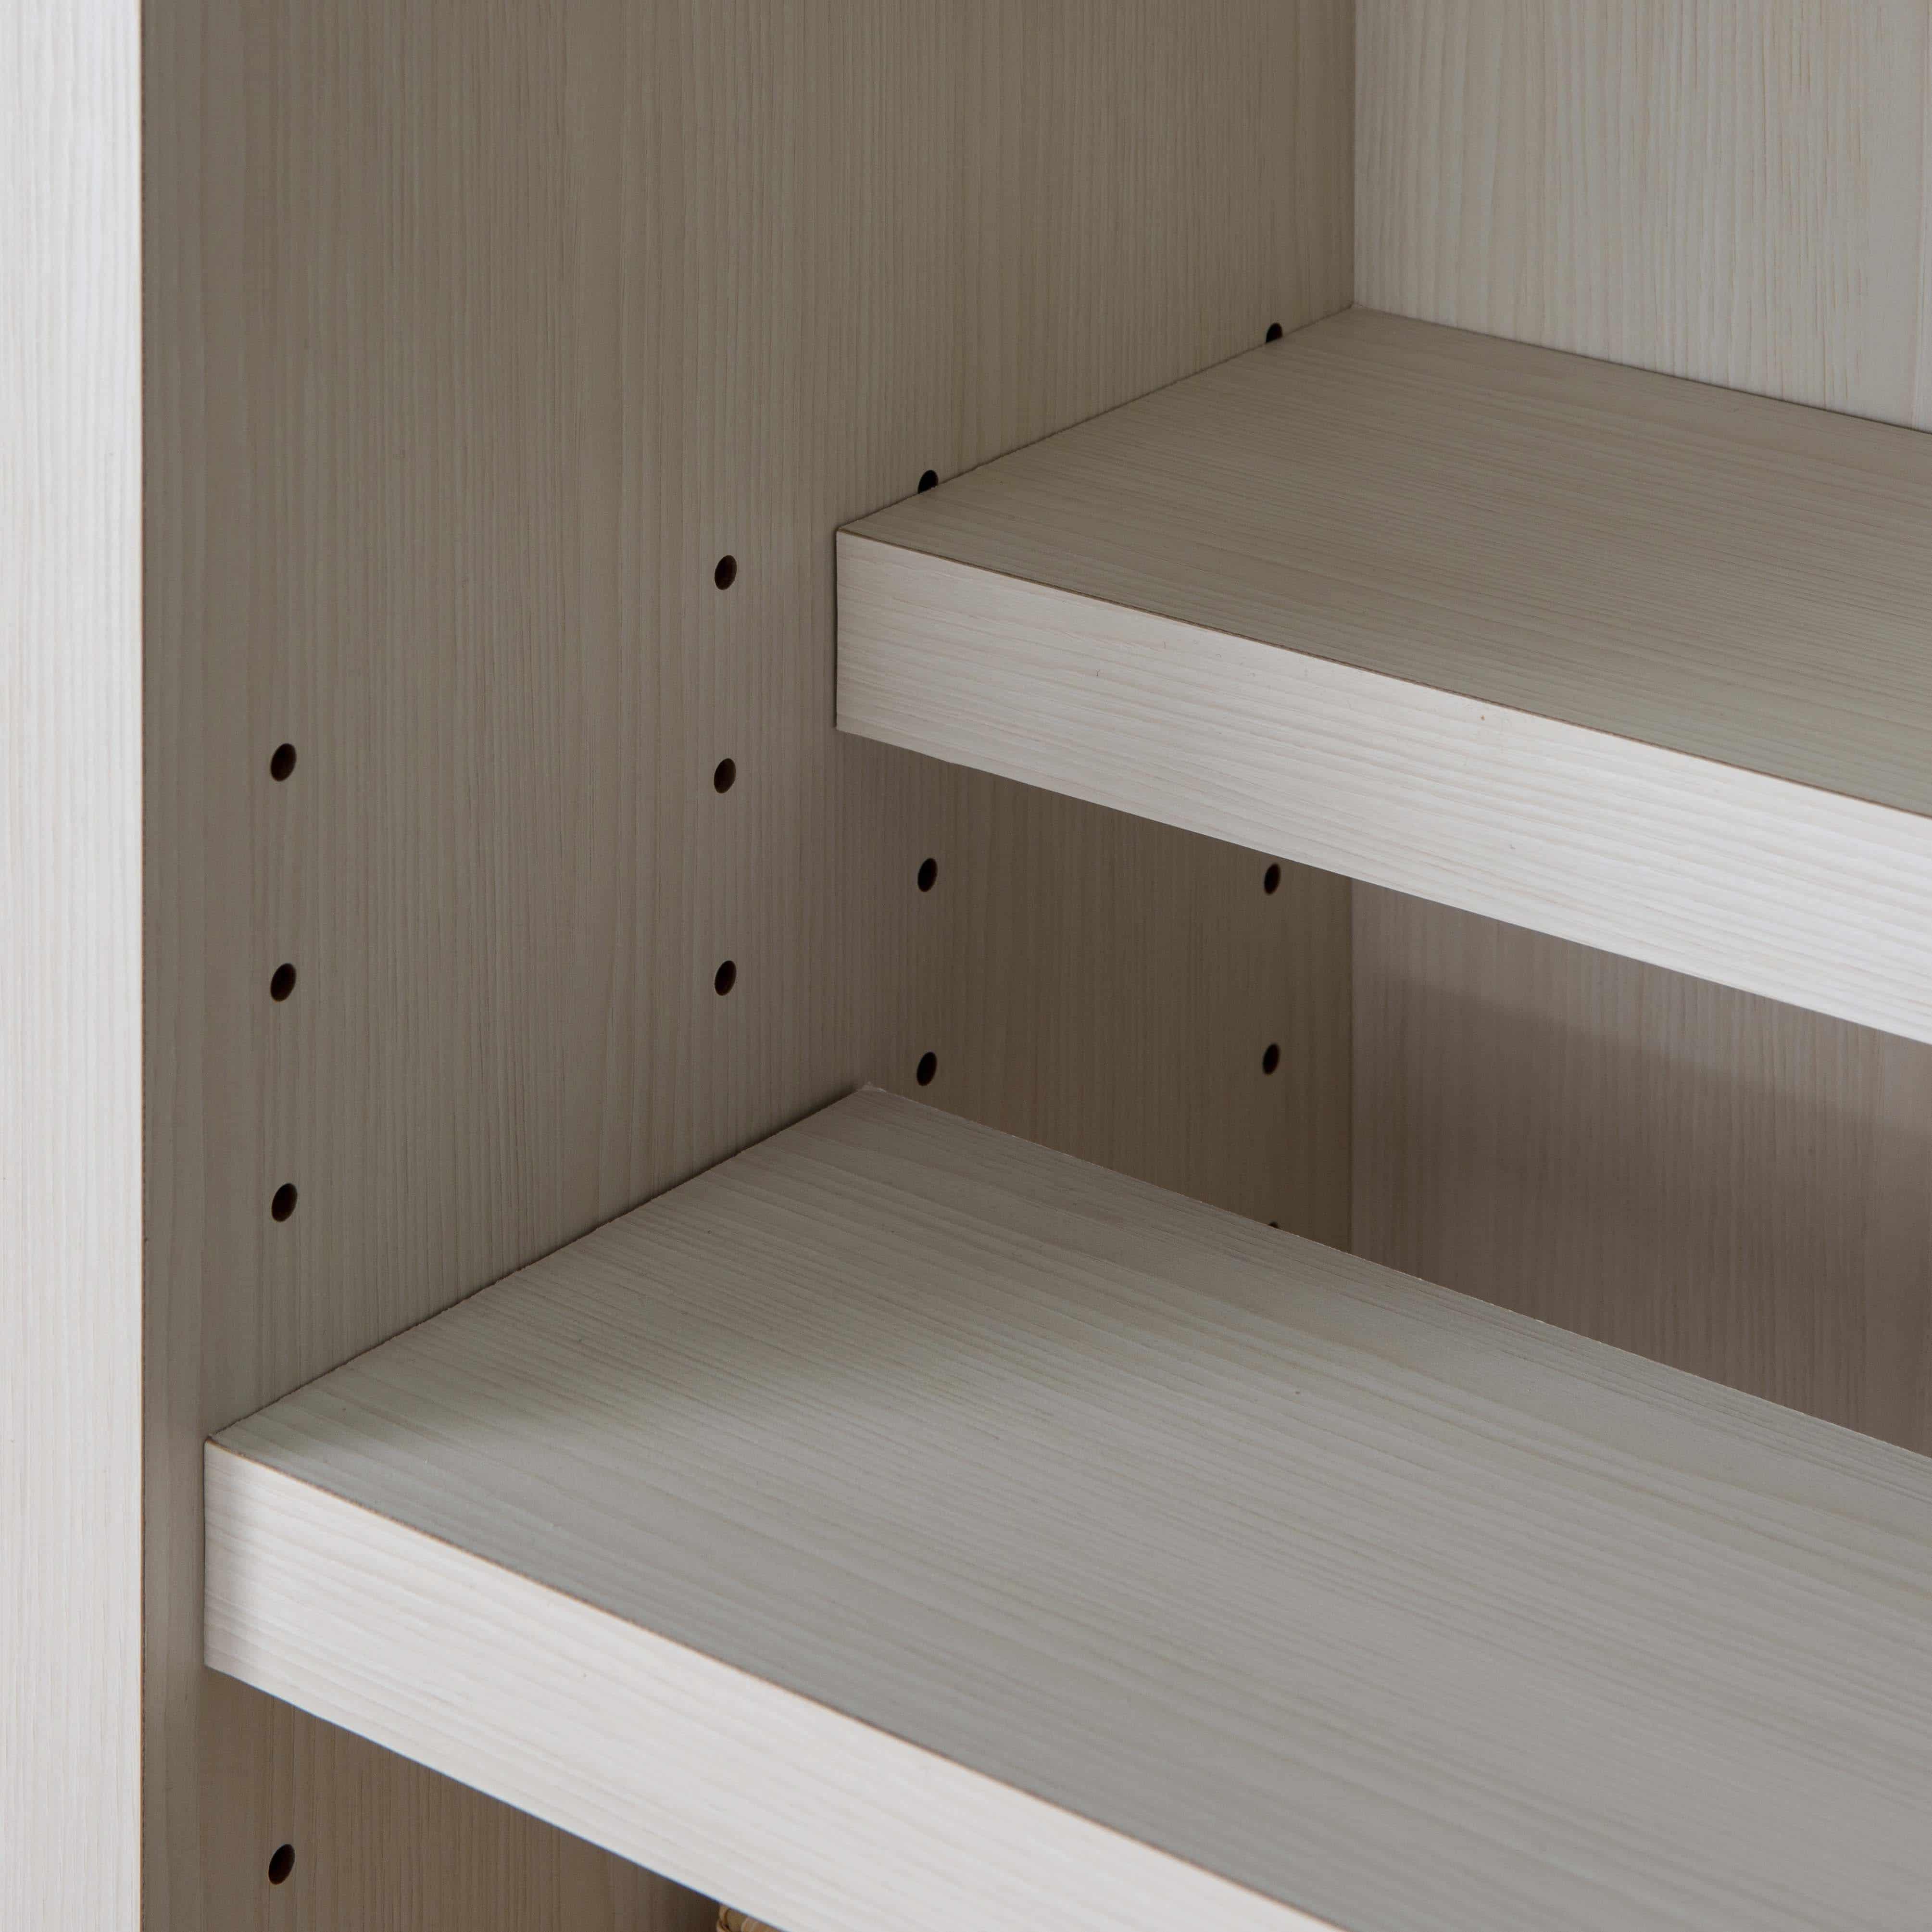 書棚 スカーラ 60Hフリーボード (ウォールナット):細かな調整で無駄なく収納